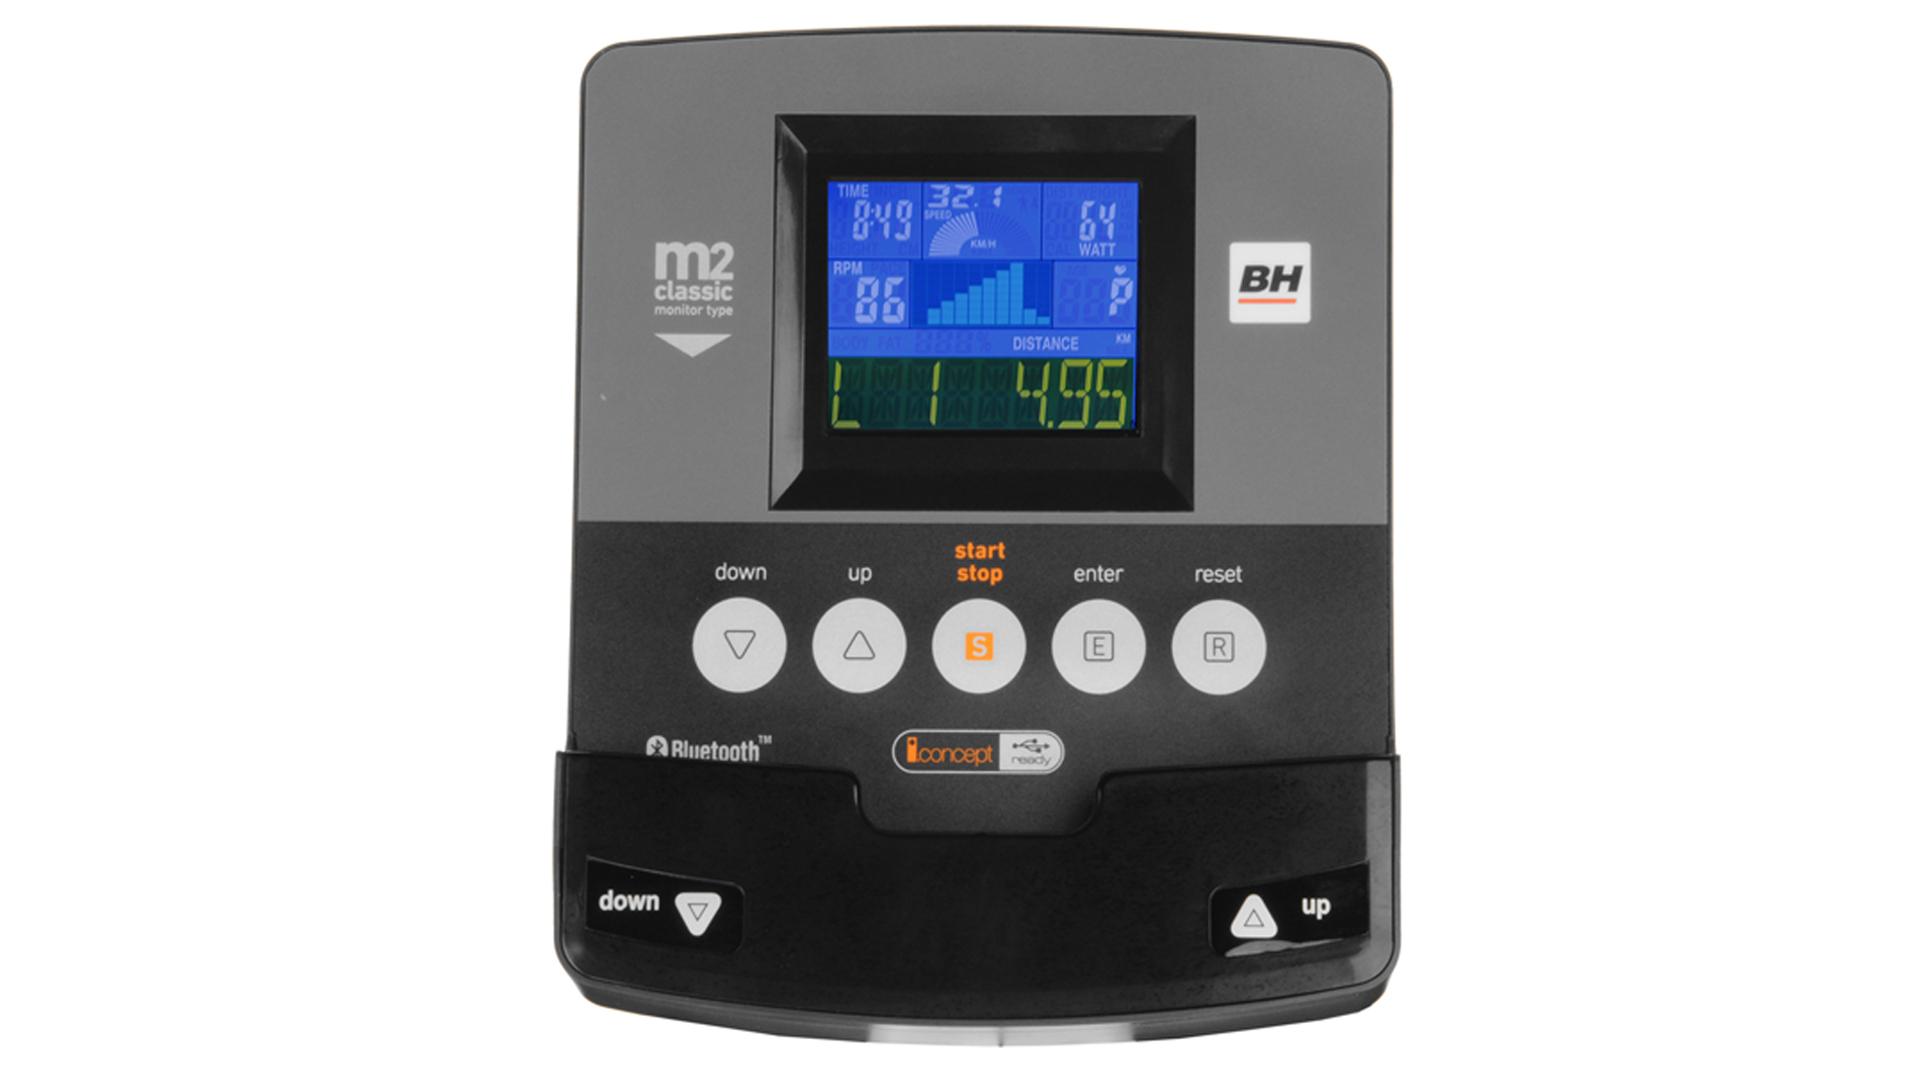 i.NLS12 Dual WG2351